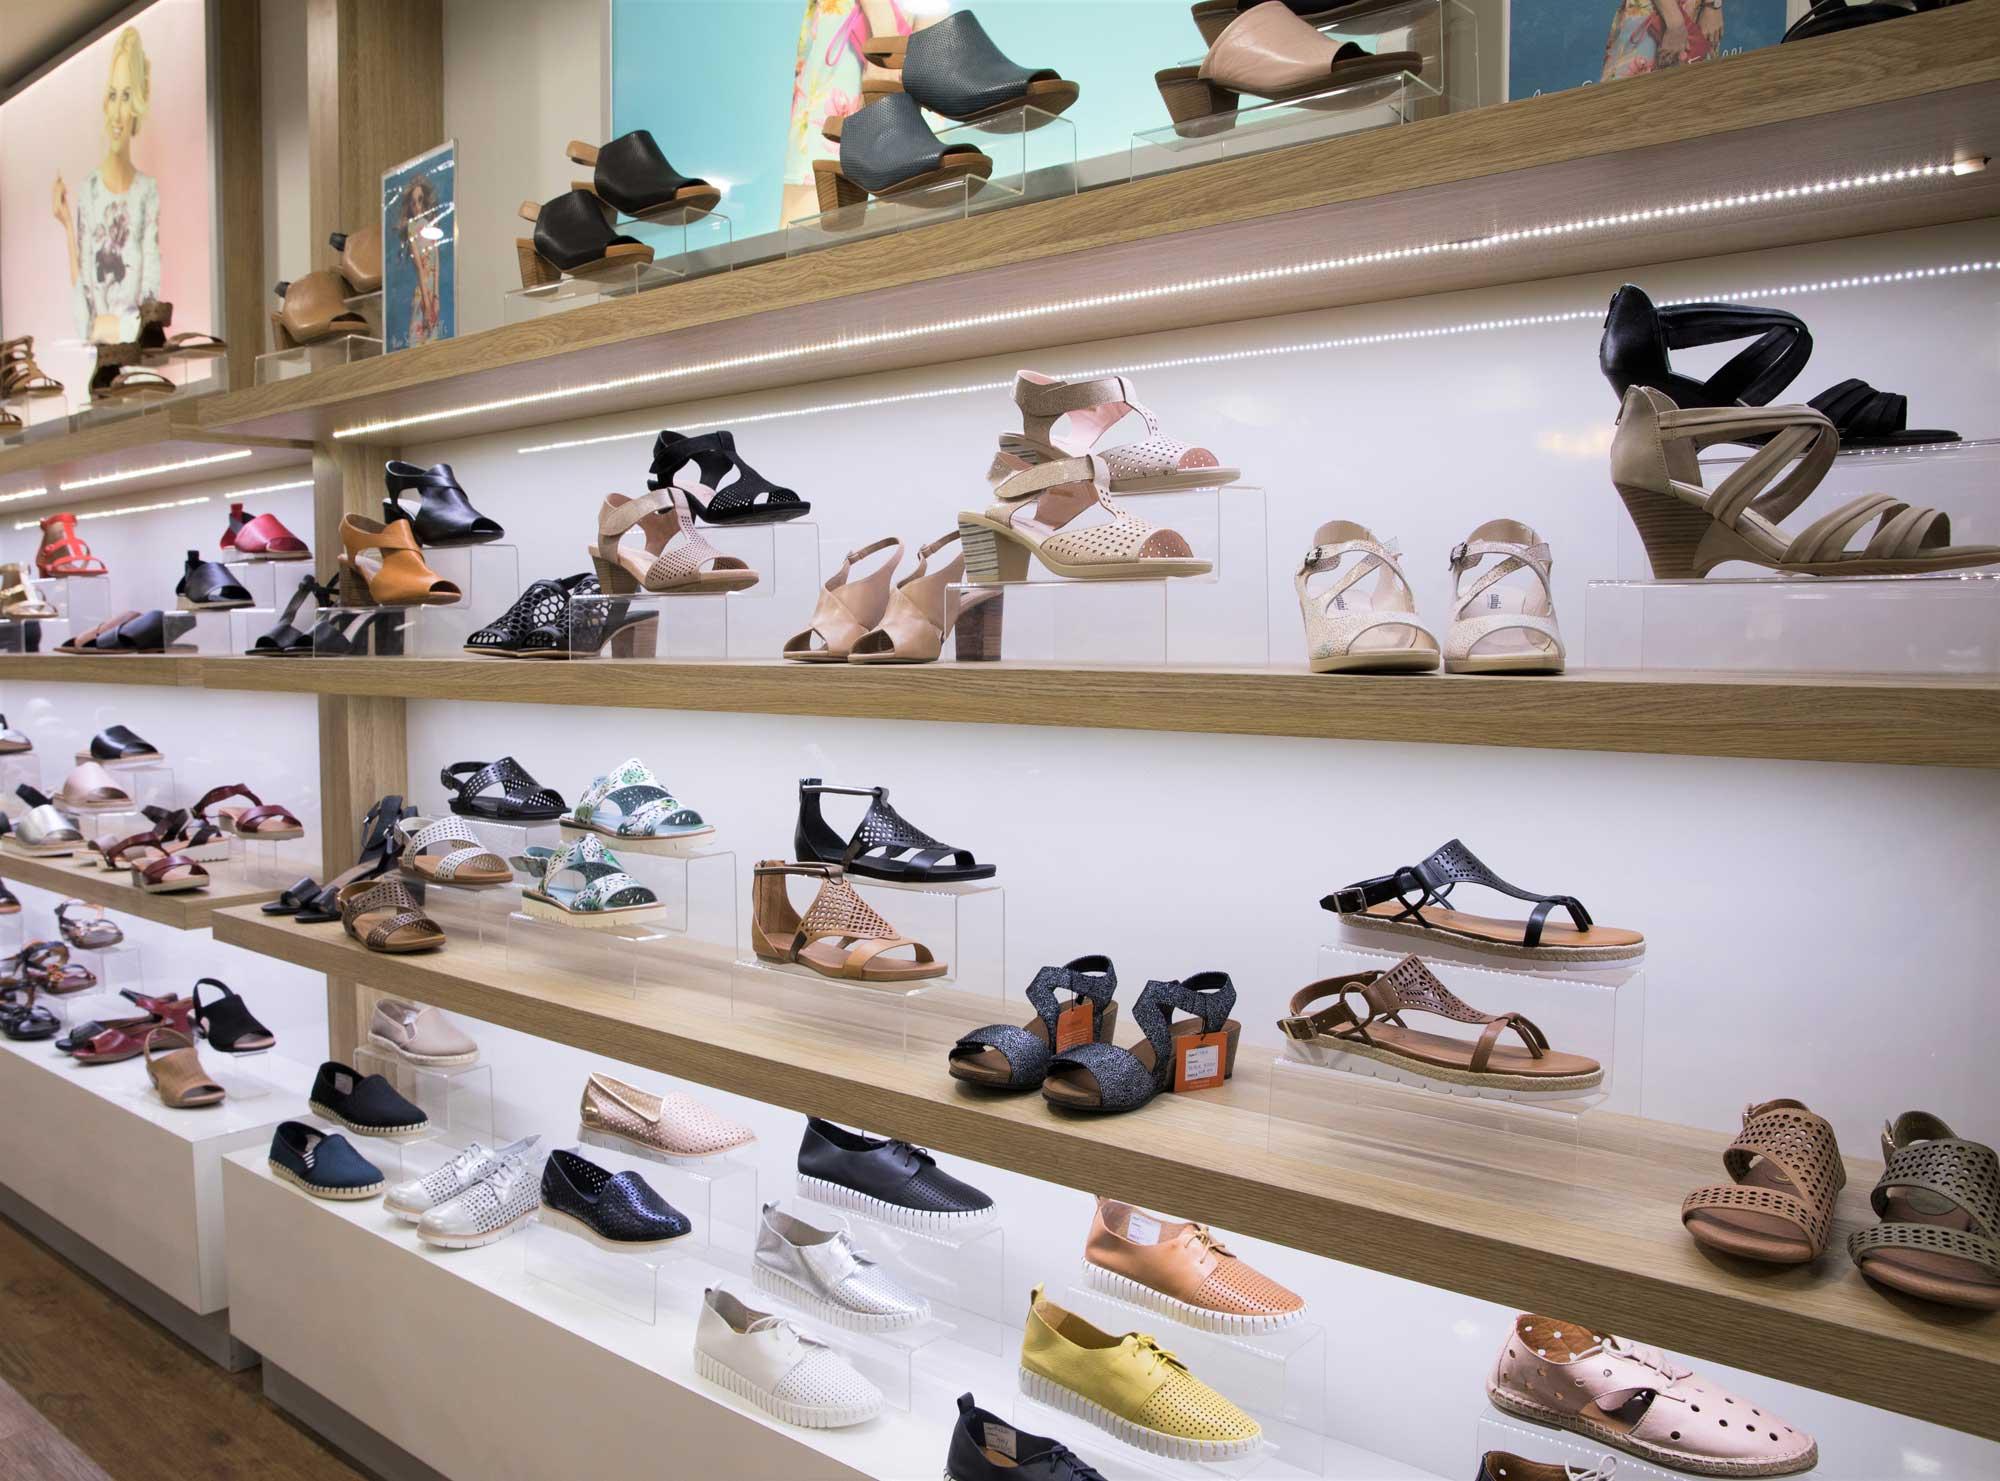 Faulls Shoes